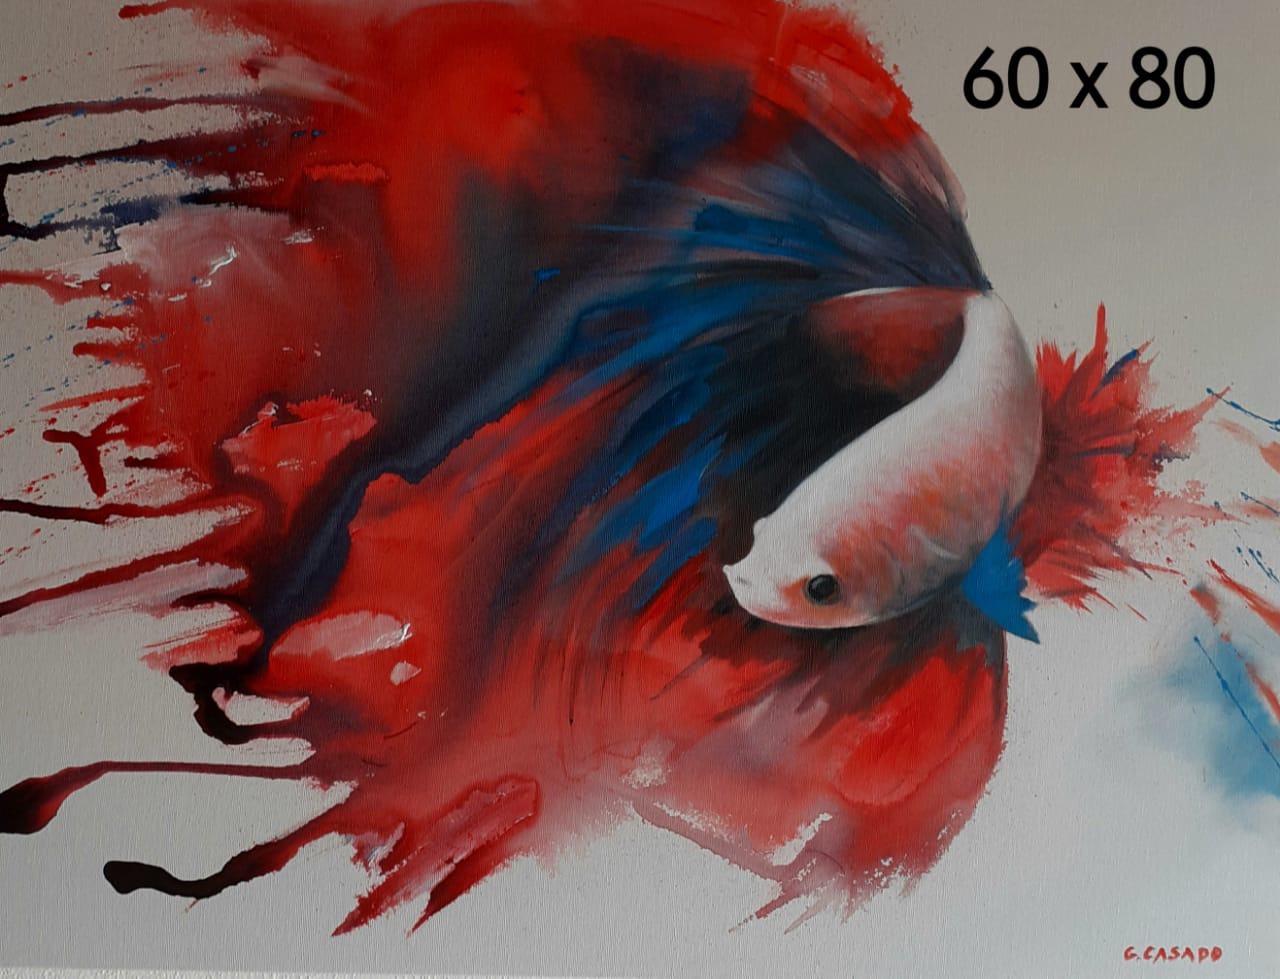 peixe-das-cores-03-60-x-80